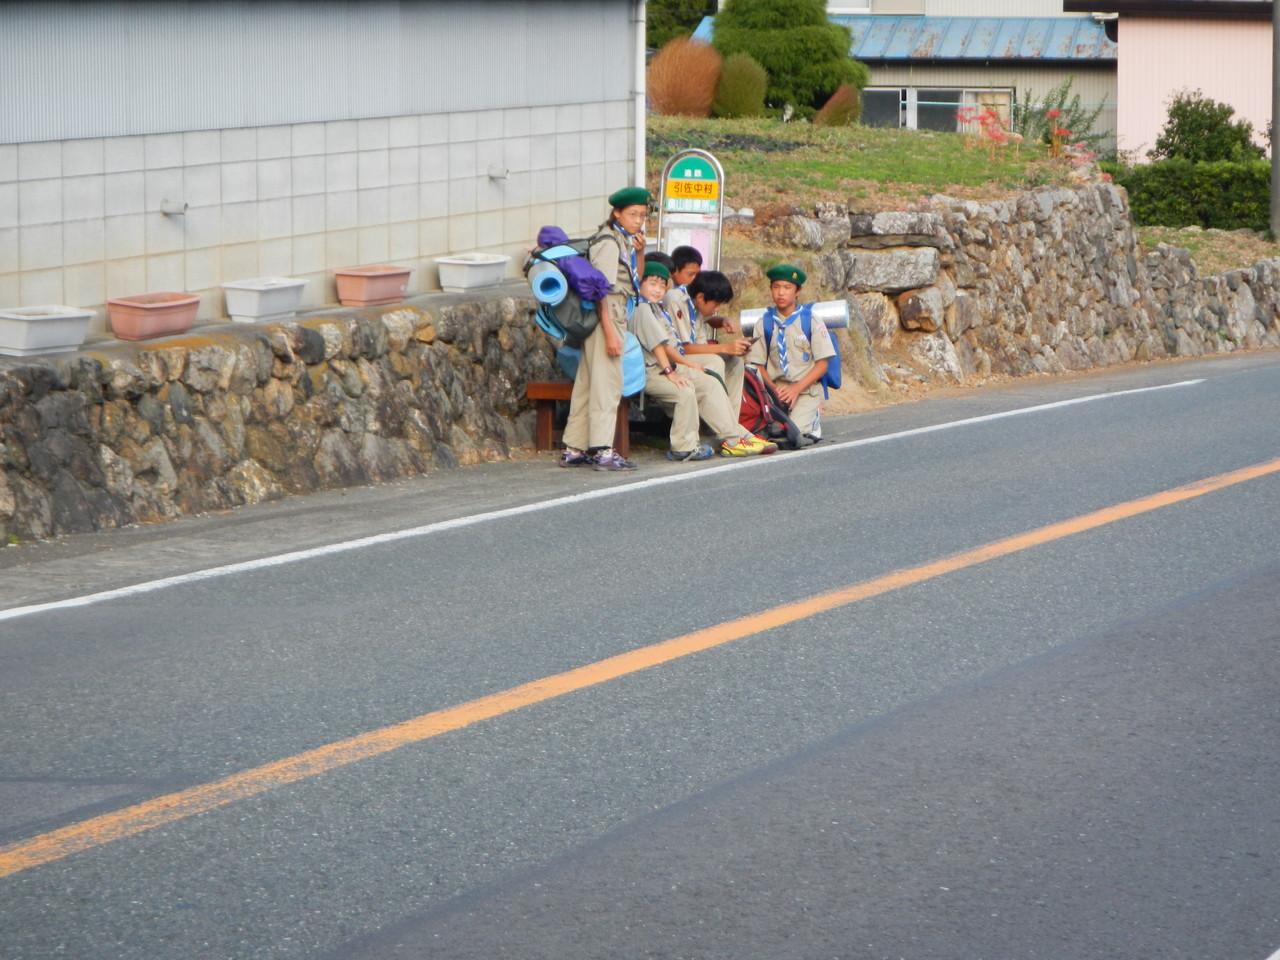 ボーイ隊はバス待ちです